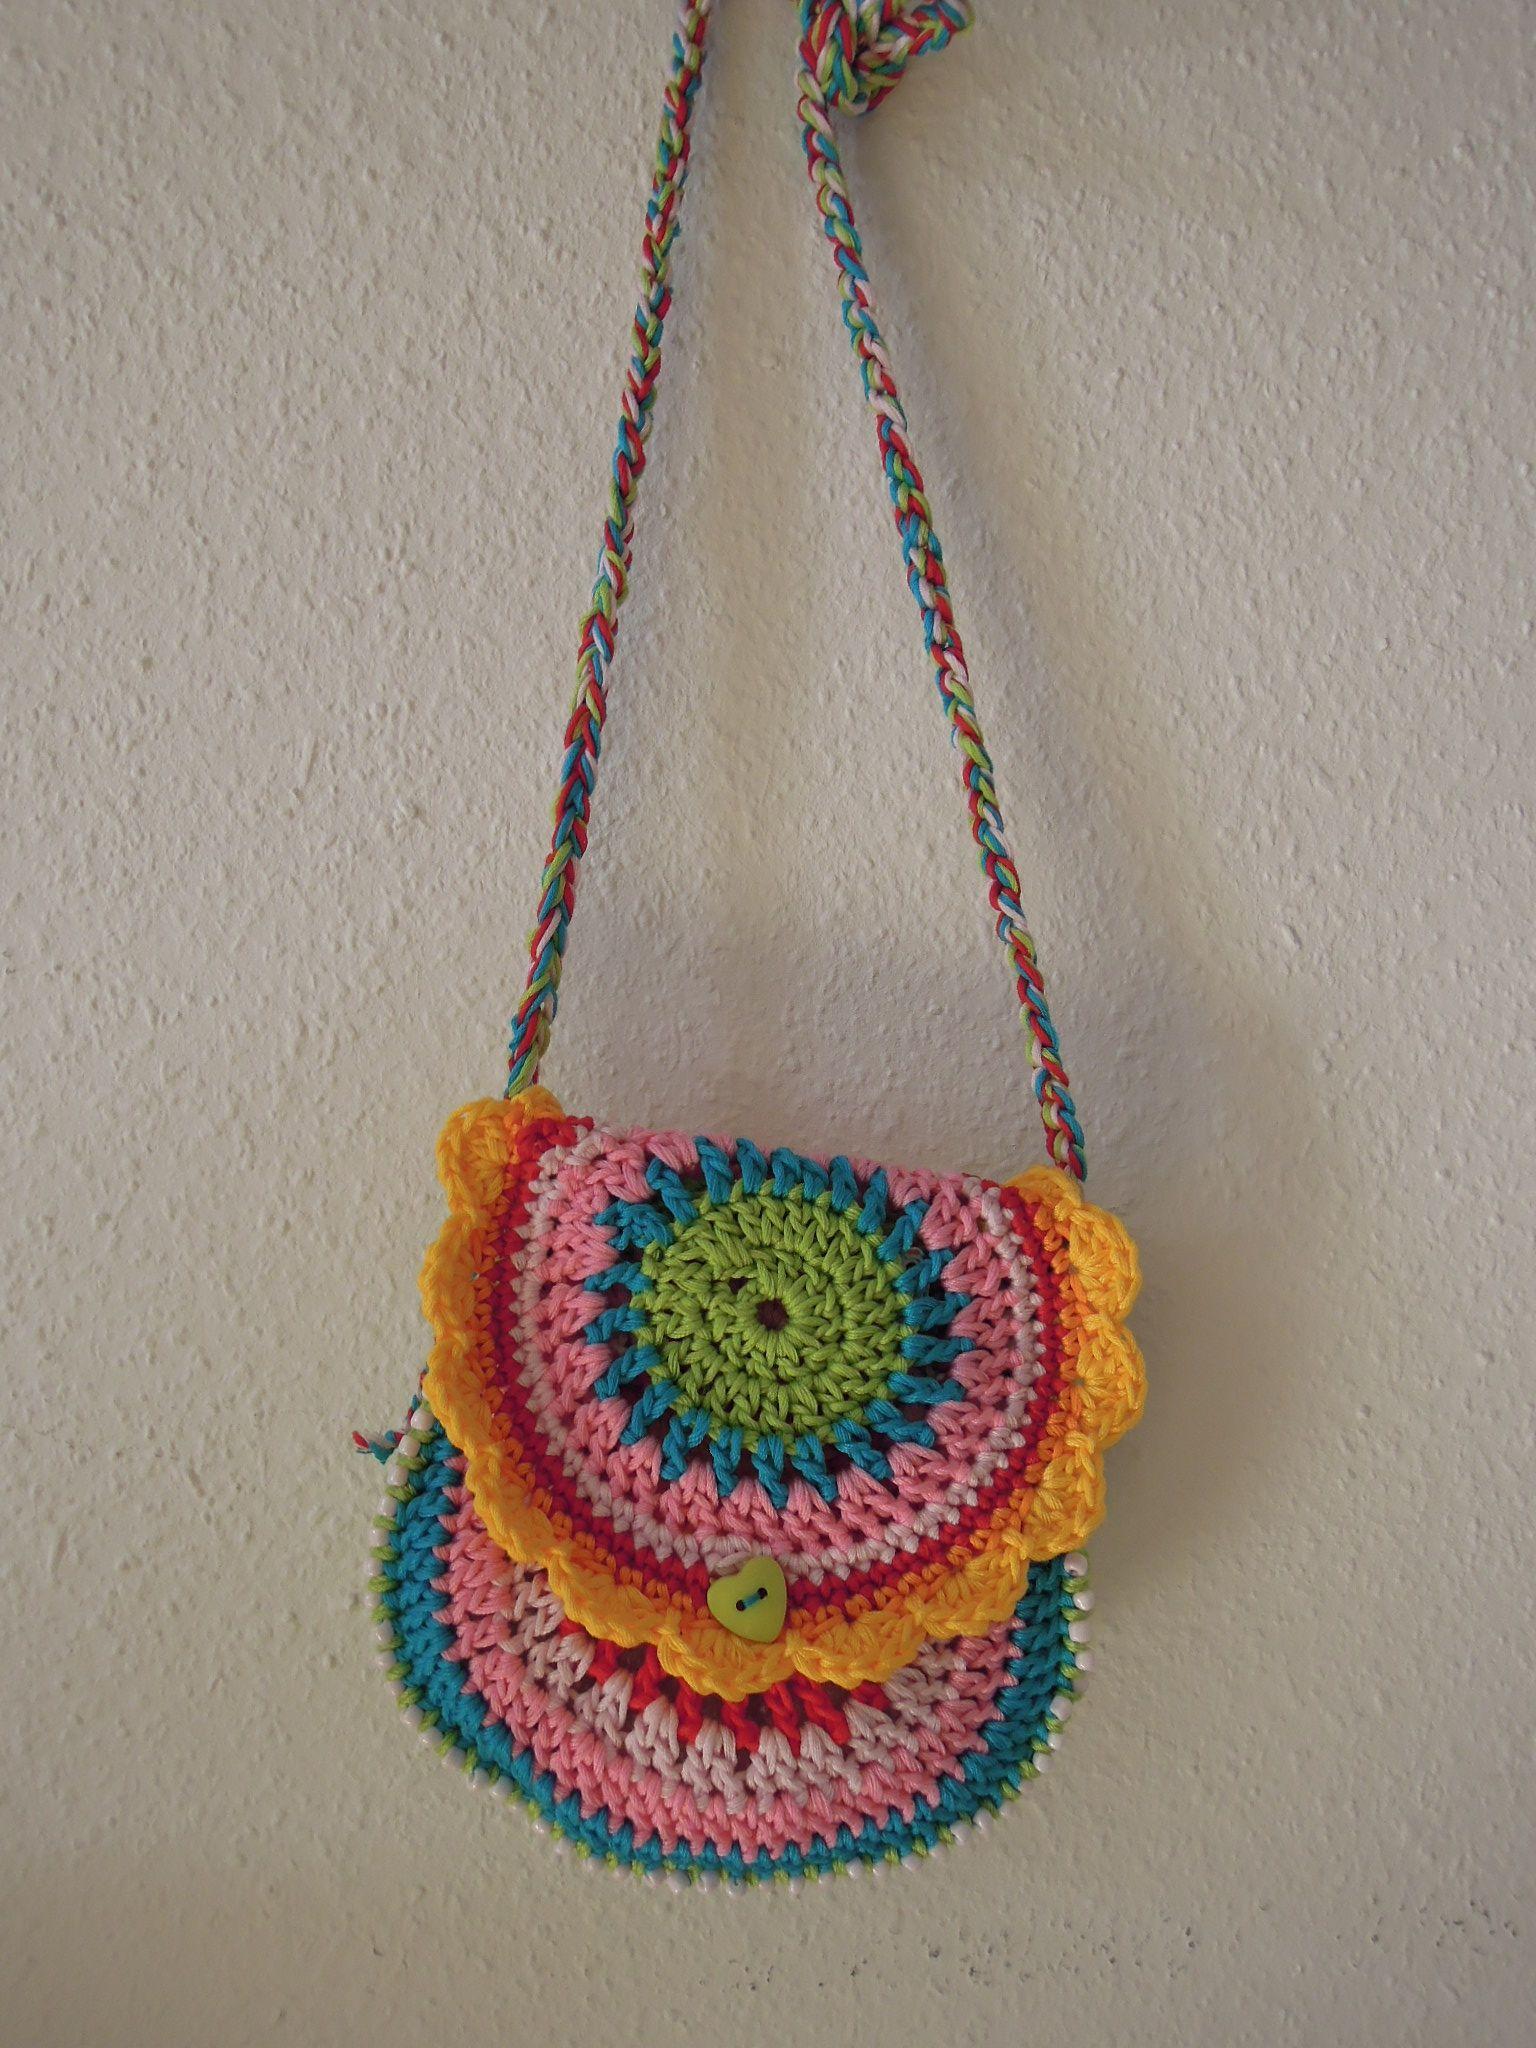 Épinglé par Fouzia Soussane sur Modèle gratuit | Crochet, Modèles gratuits